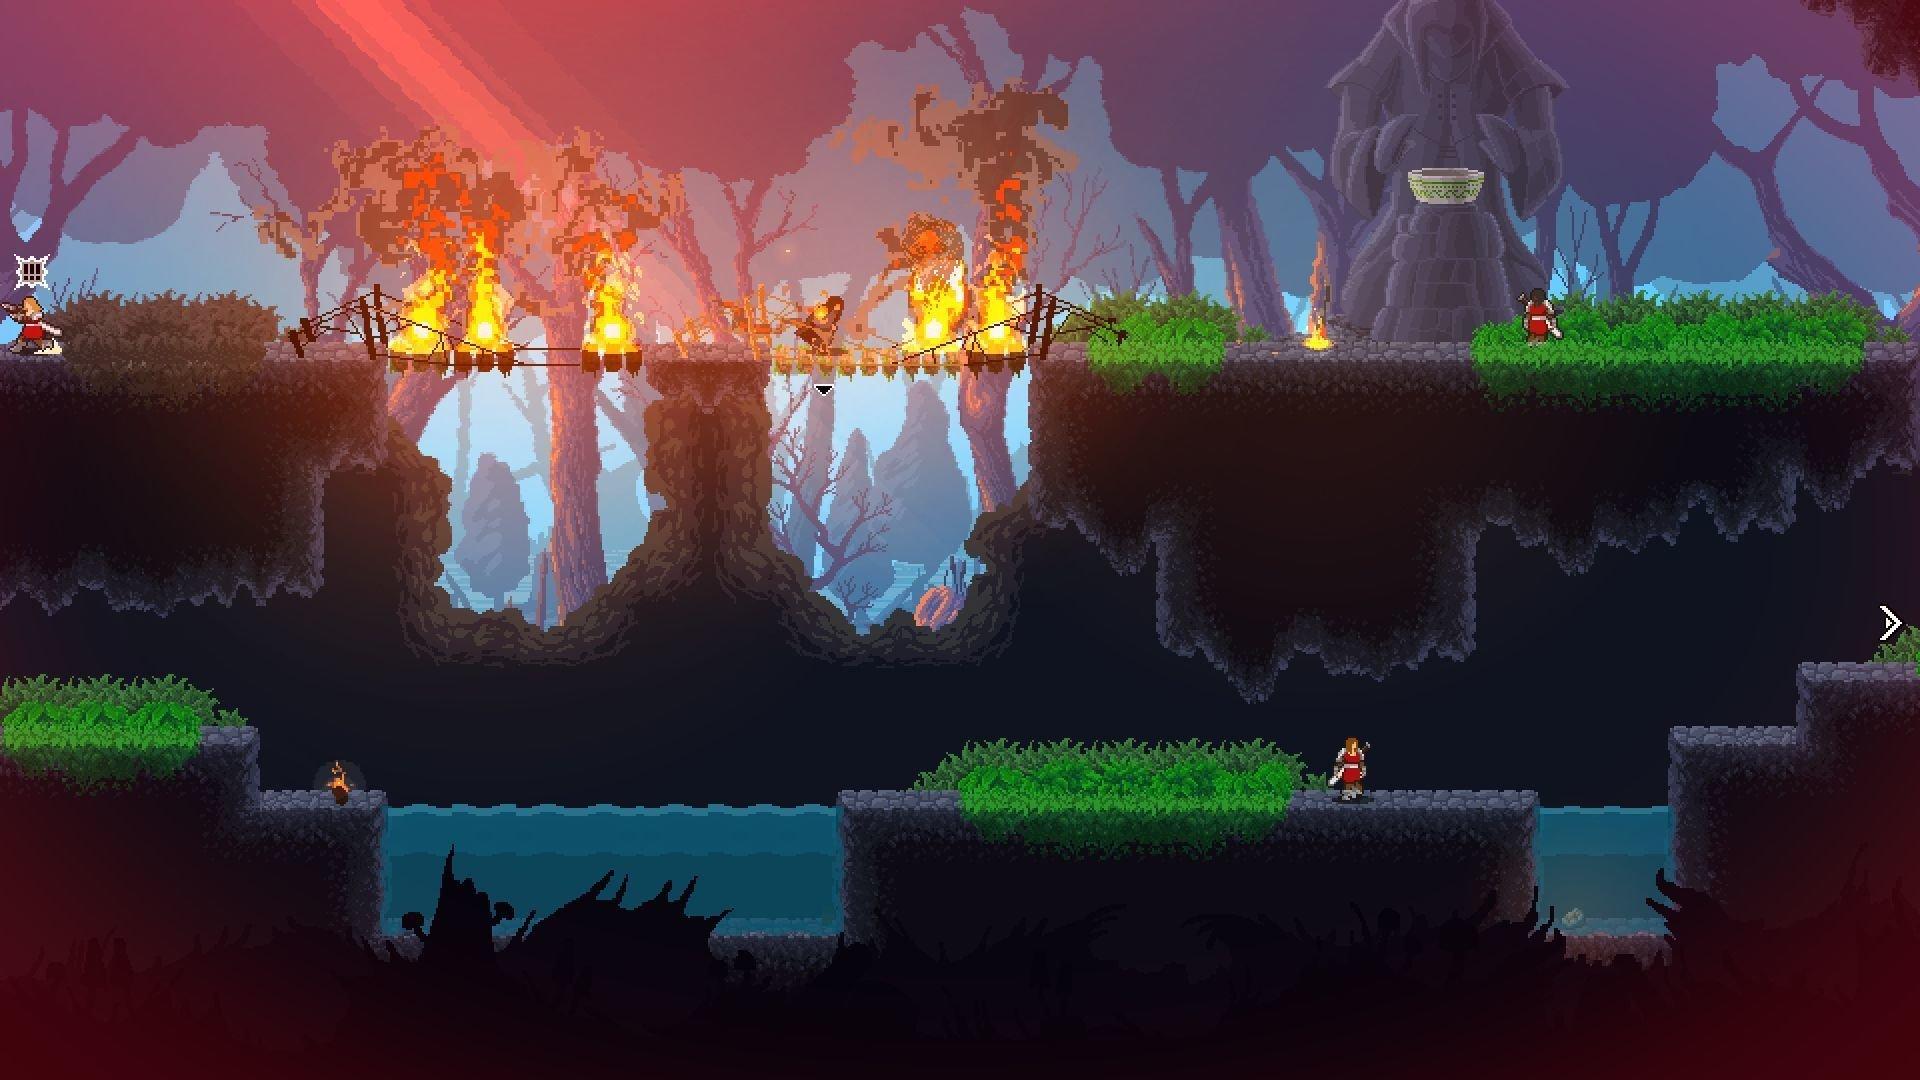 Скриншот к игре Wildfire [GOG] (2020) скачать торрент Лицензия